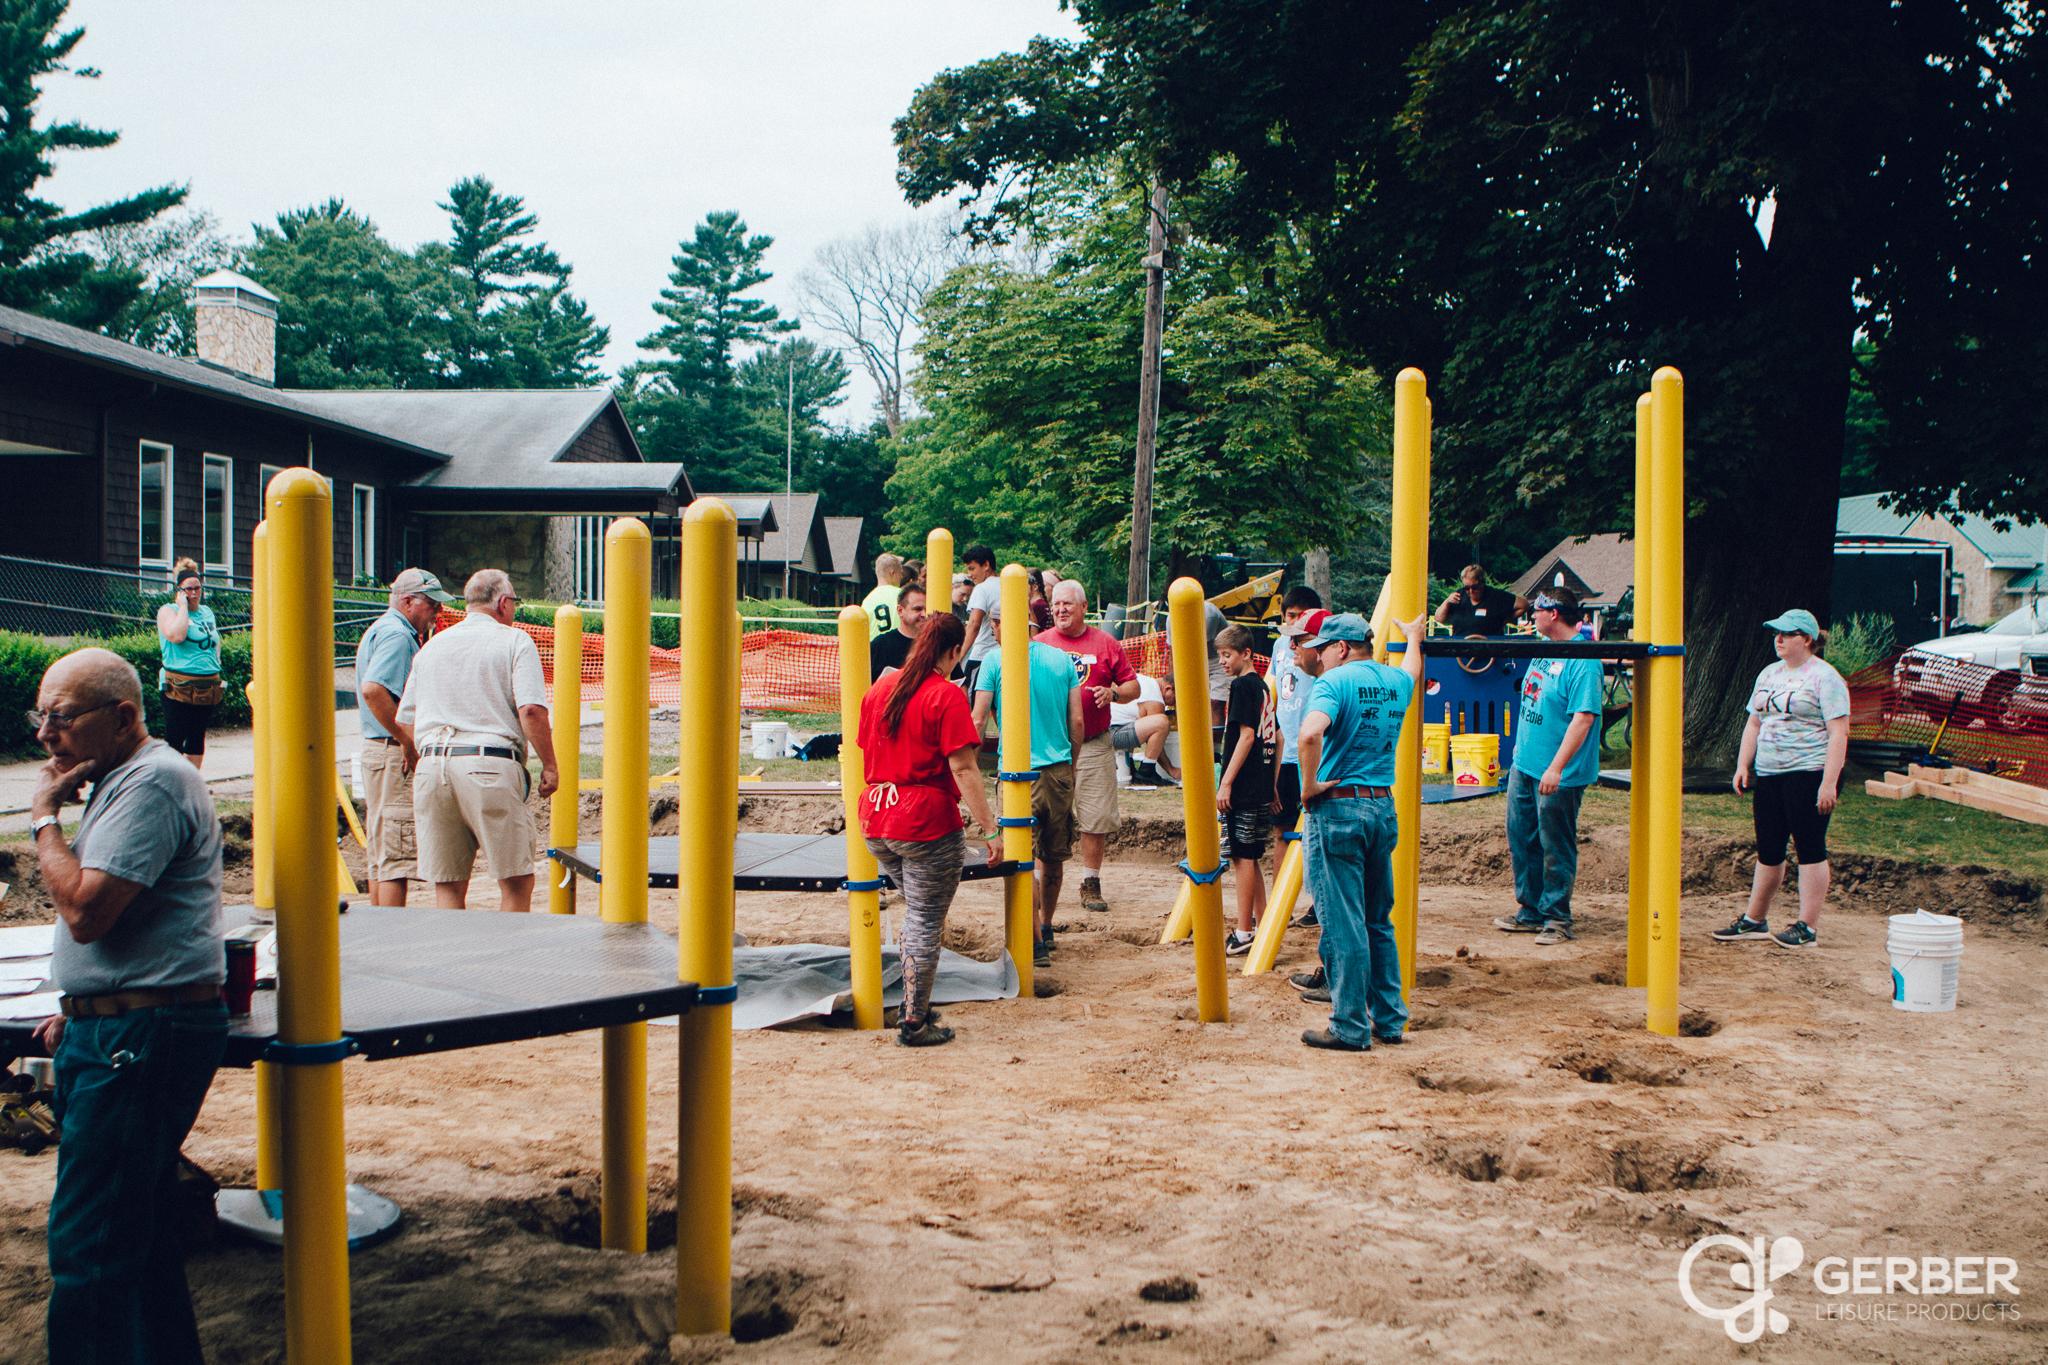 Camp Wawbeek04.jpg